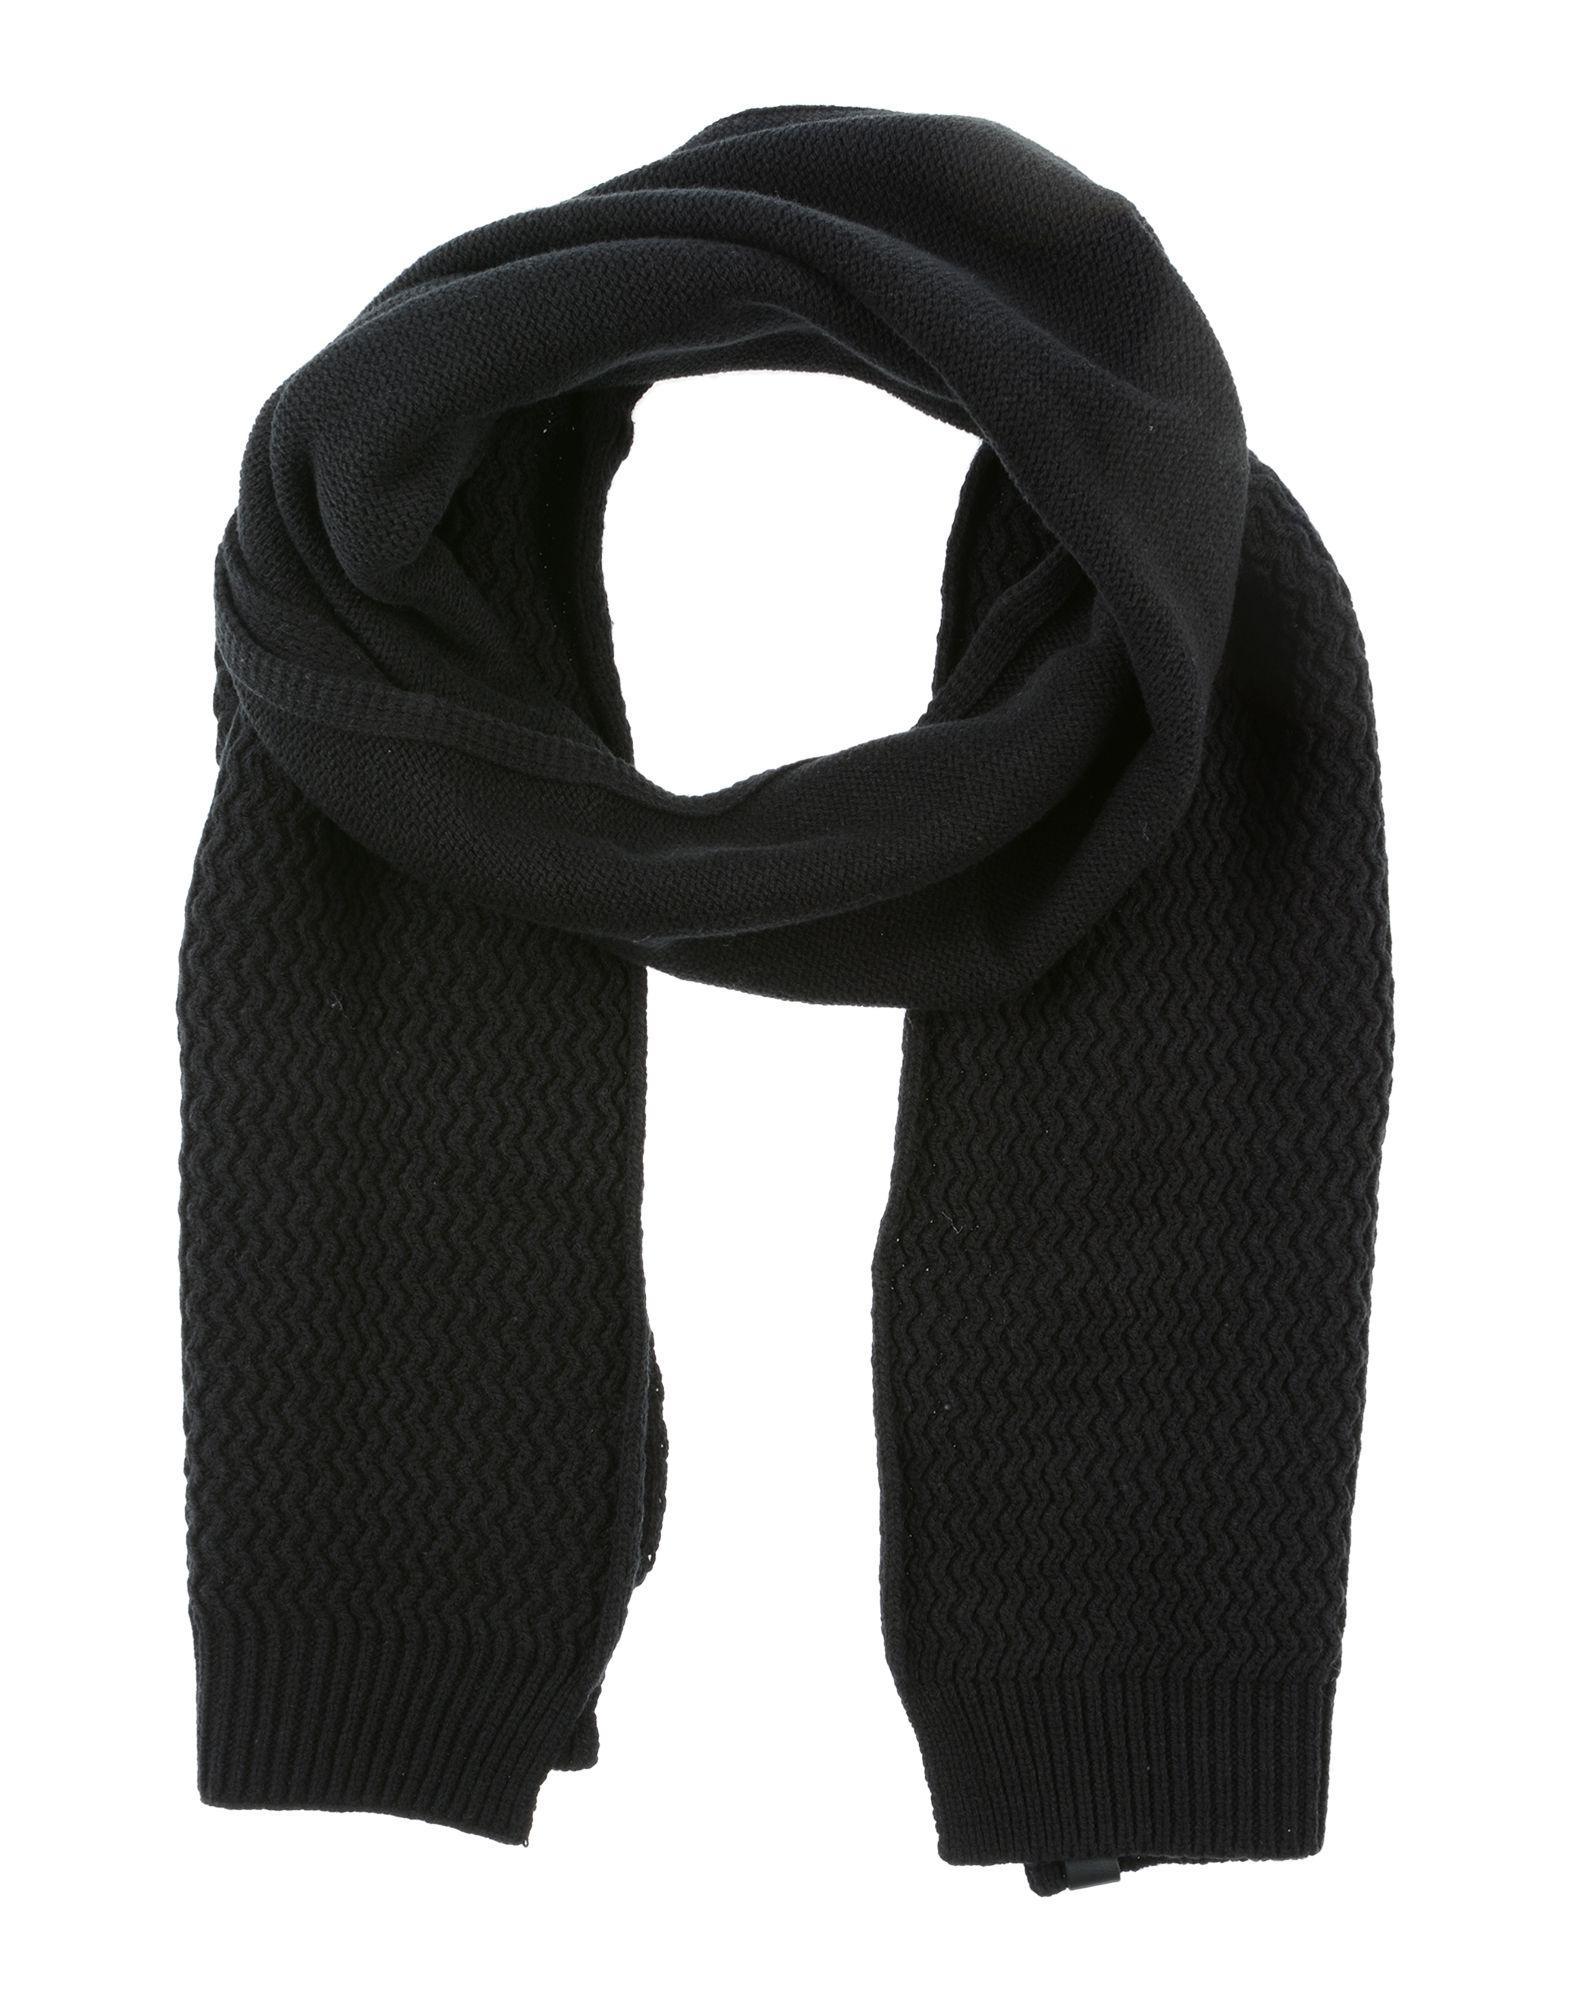 Calvin Klein Oblong Scarves in Black for Men - Lyst f8d491af052